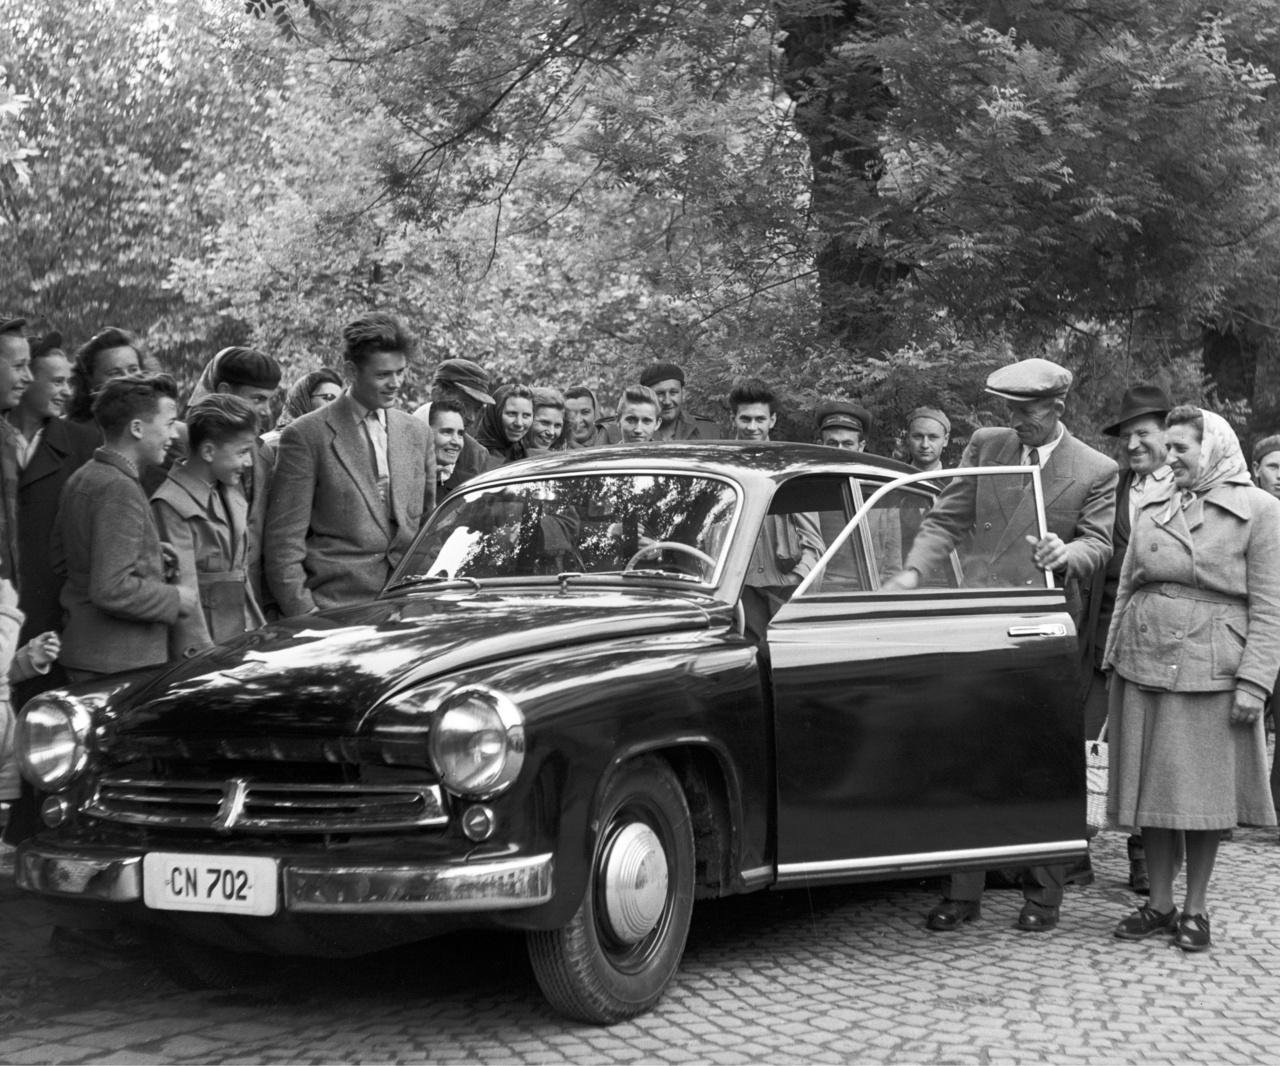 """Bobori Károly tsz-dolgozó szintén 1957-ben lett egy Wartburg tulajdonosaPedig nem is akarta, a mosoly csalóka. """"Legszívesebben kicserélném egy féltonnás teherautóra, úgy, hogy készpénzben kapjam meg az árkülönbséget"""" - mondta el a Népszavának."""